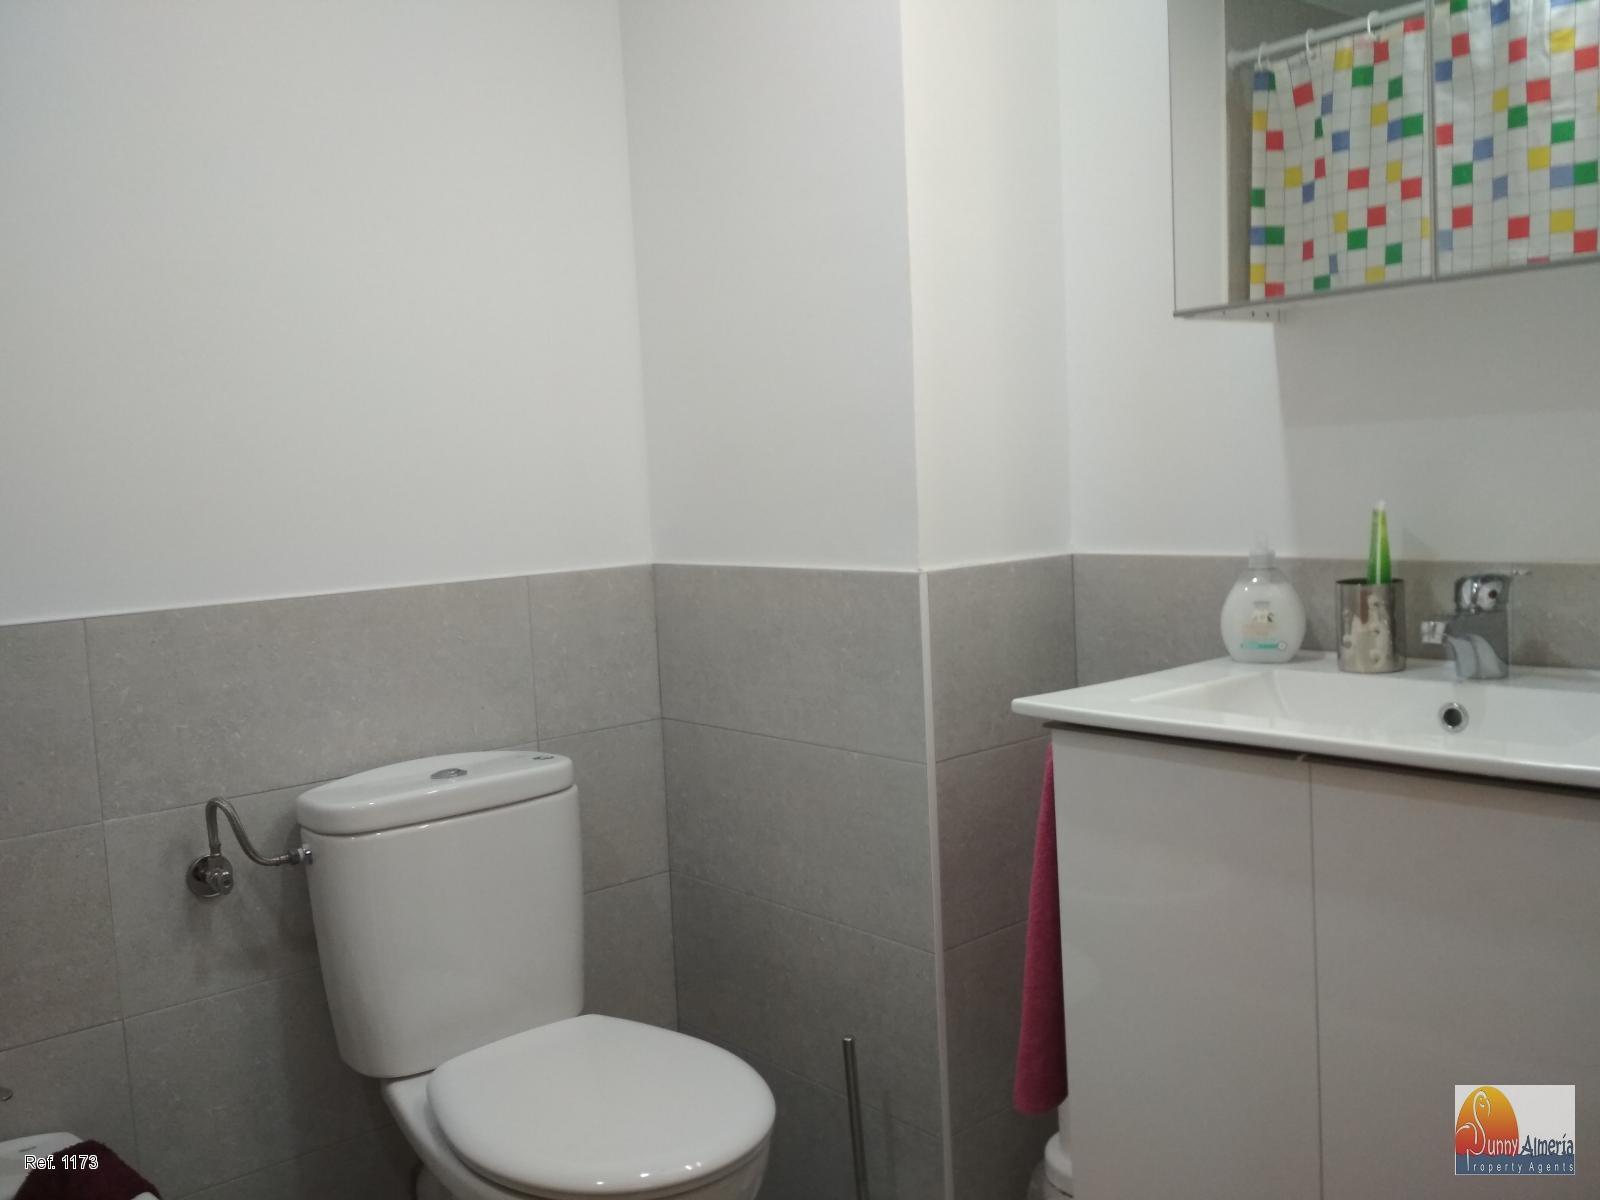 Appartamento di vacanza a calle alameda 69 (Roquetas de Mar), 550 €/mese